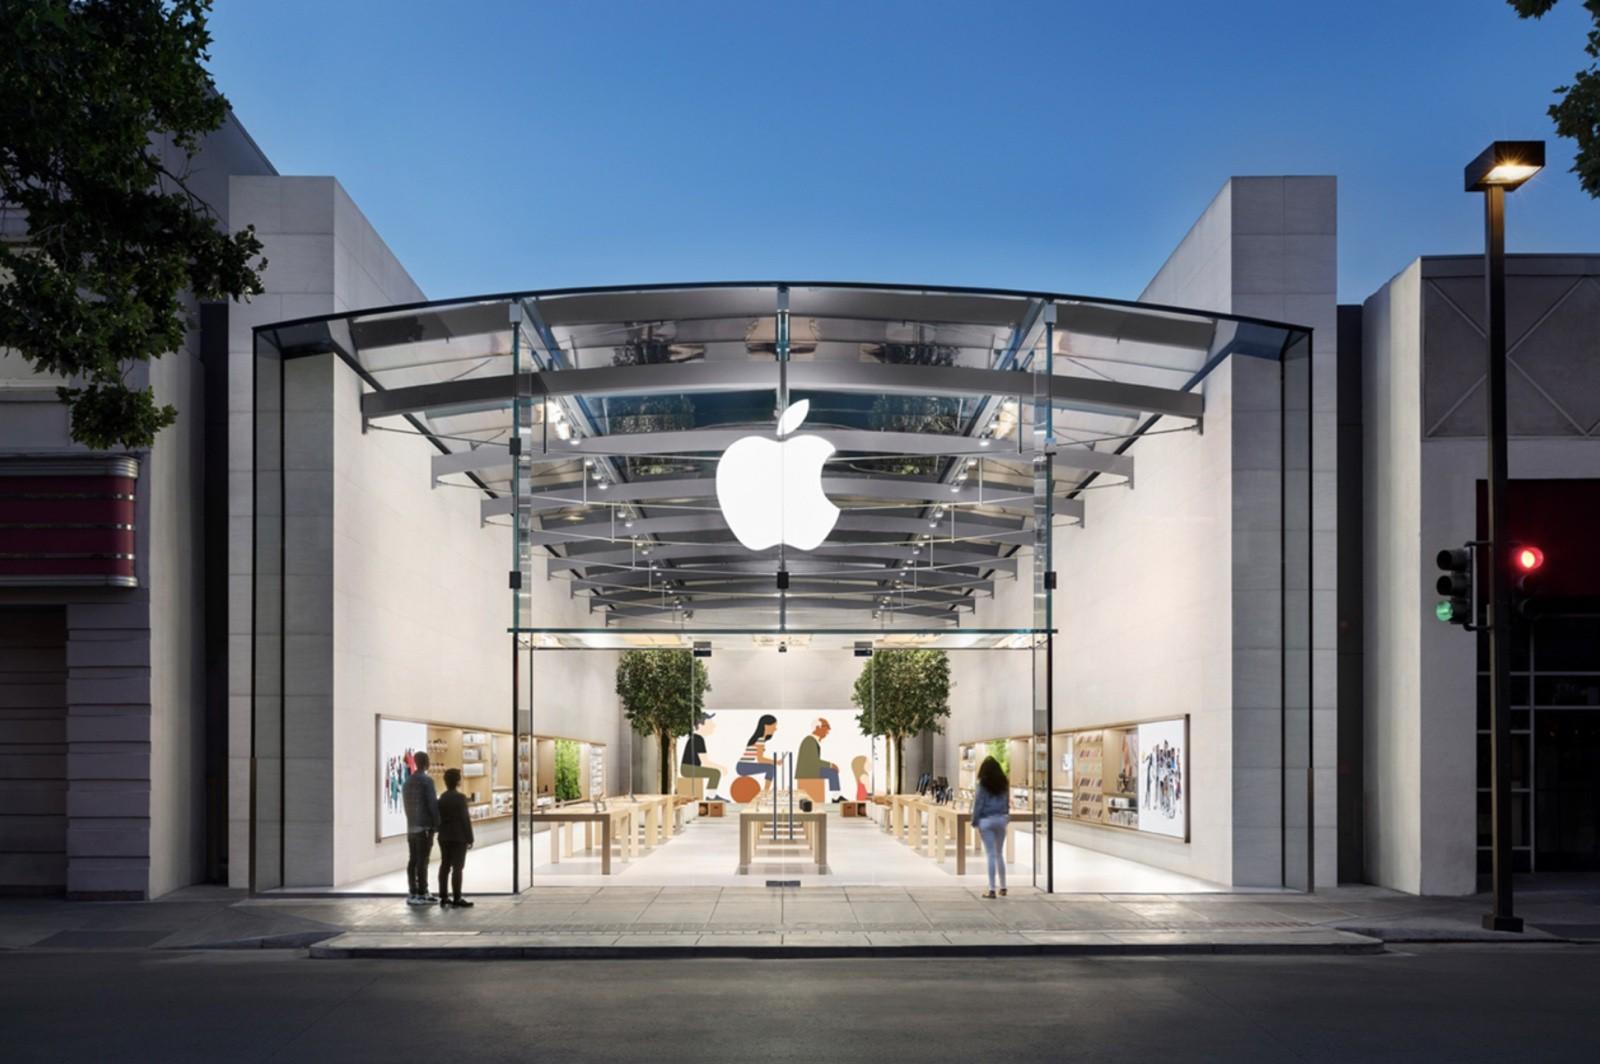 因疫情影响:苹果调整了零售店员的工作角色